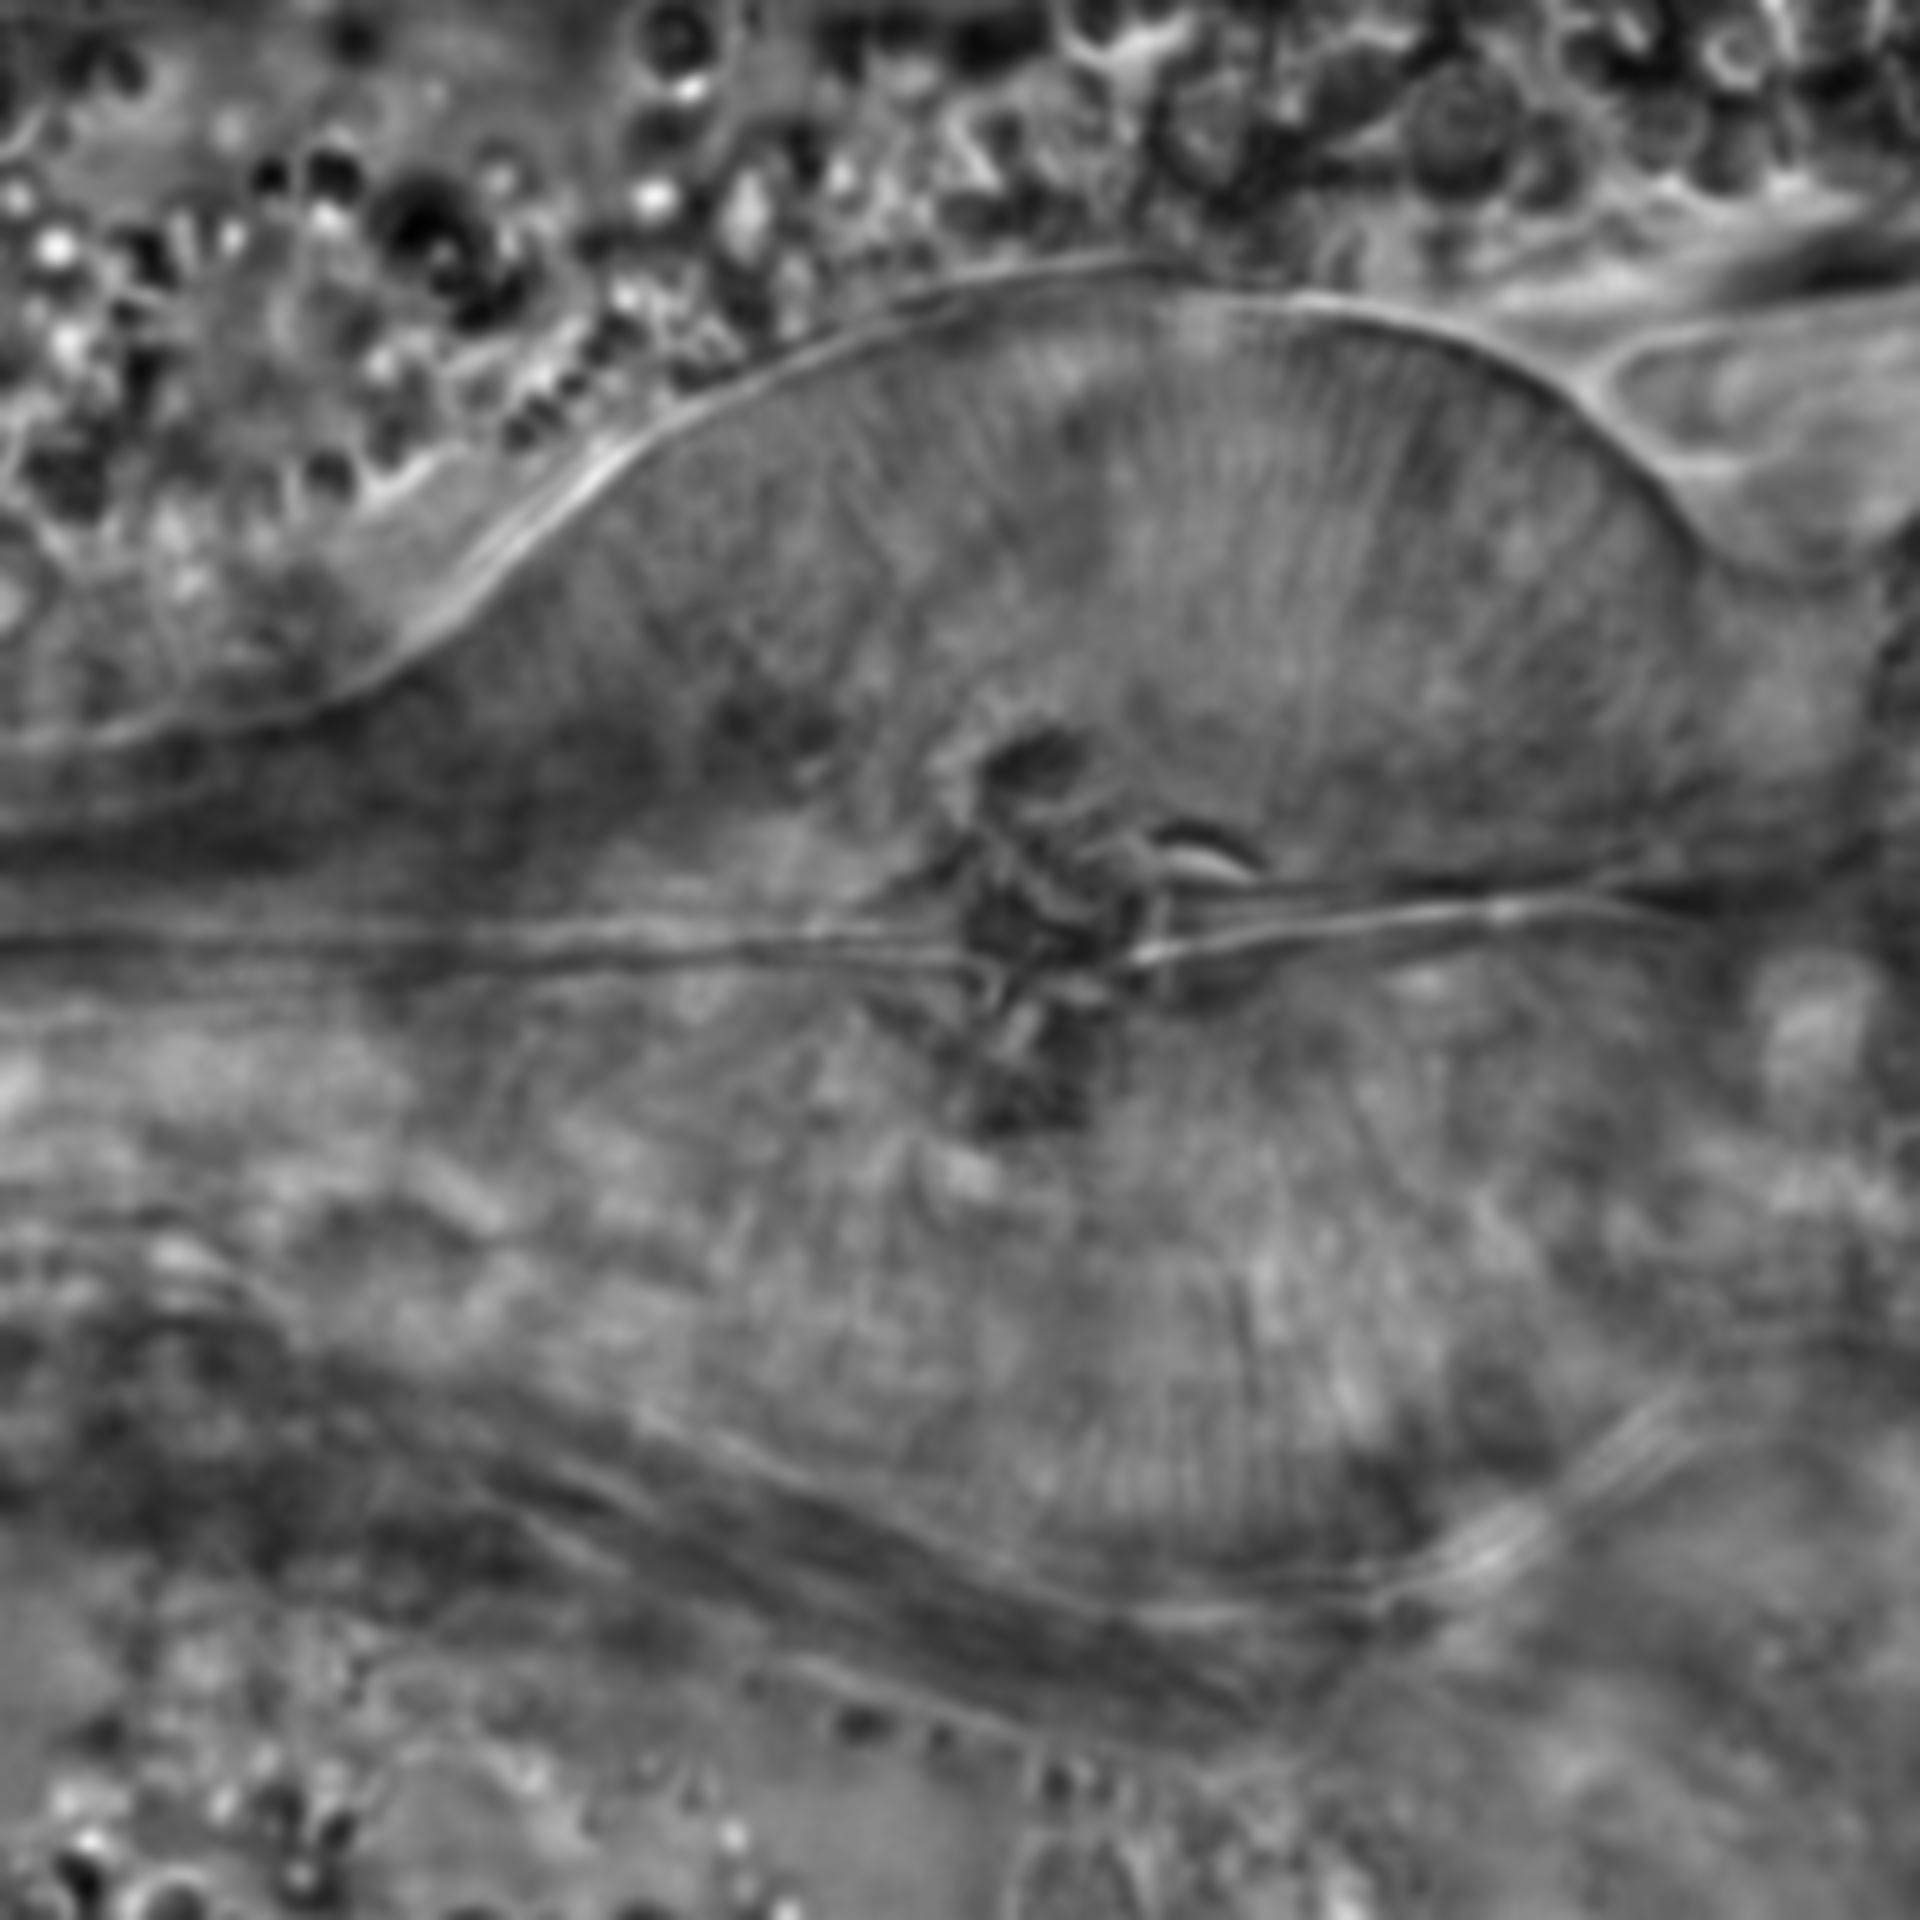 Caenorhabditis elegans - CIL:1746